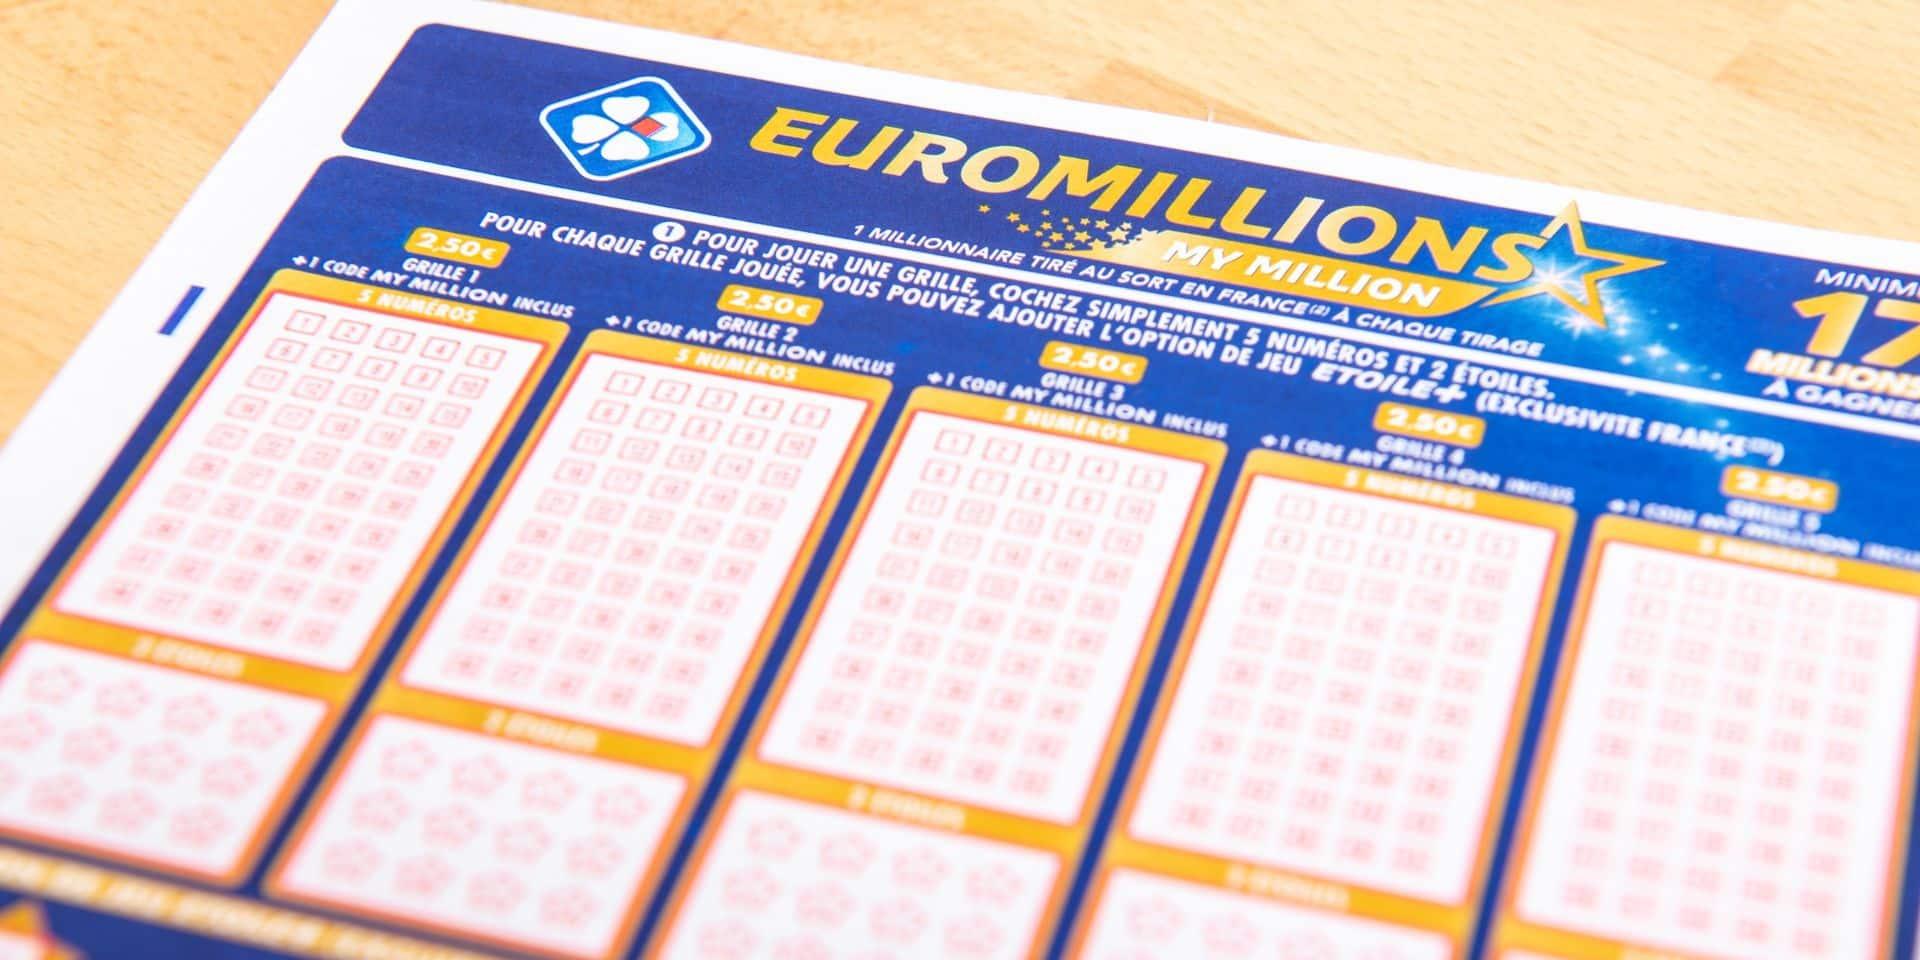 178 millions d'euros en jeu à l'Euromillions: voici les chiffres à tenter pour maximiser vos chances